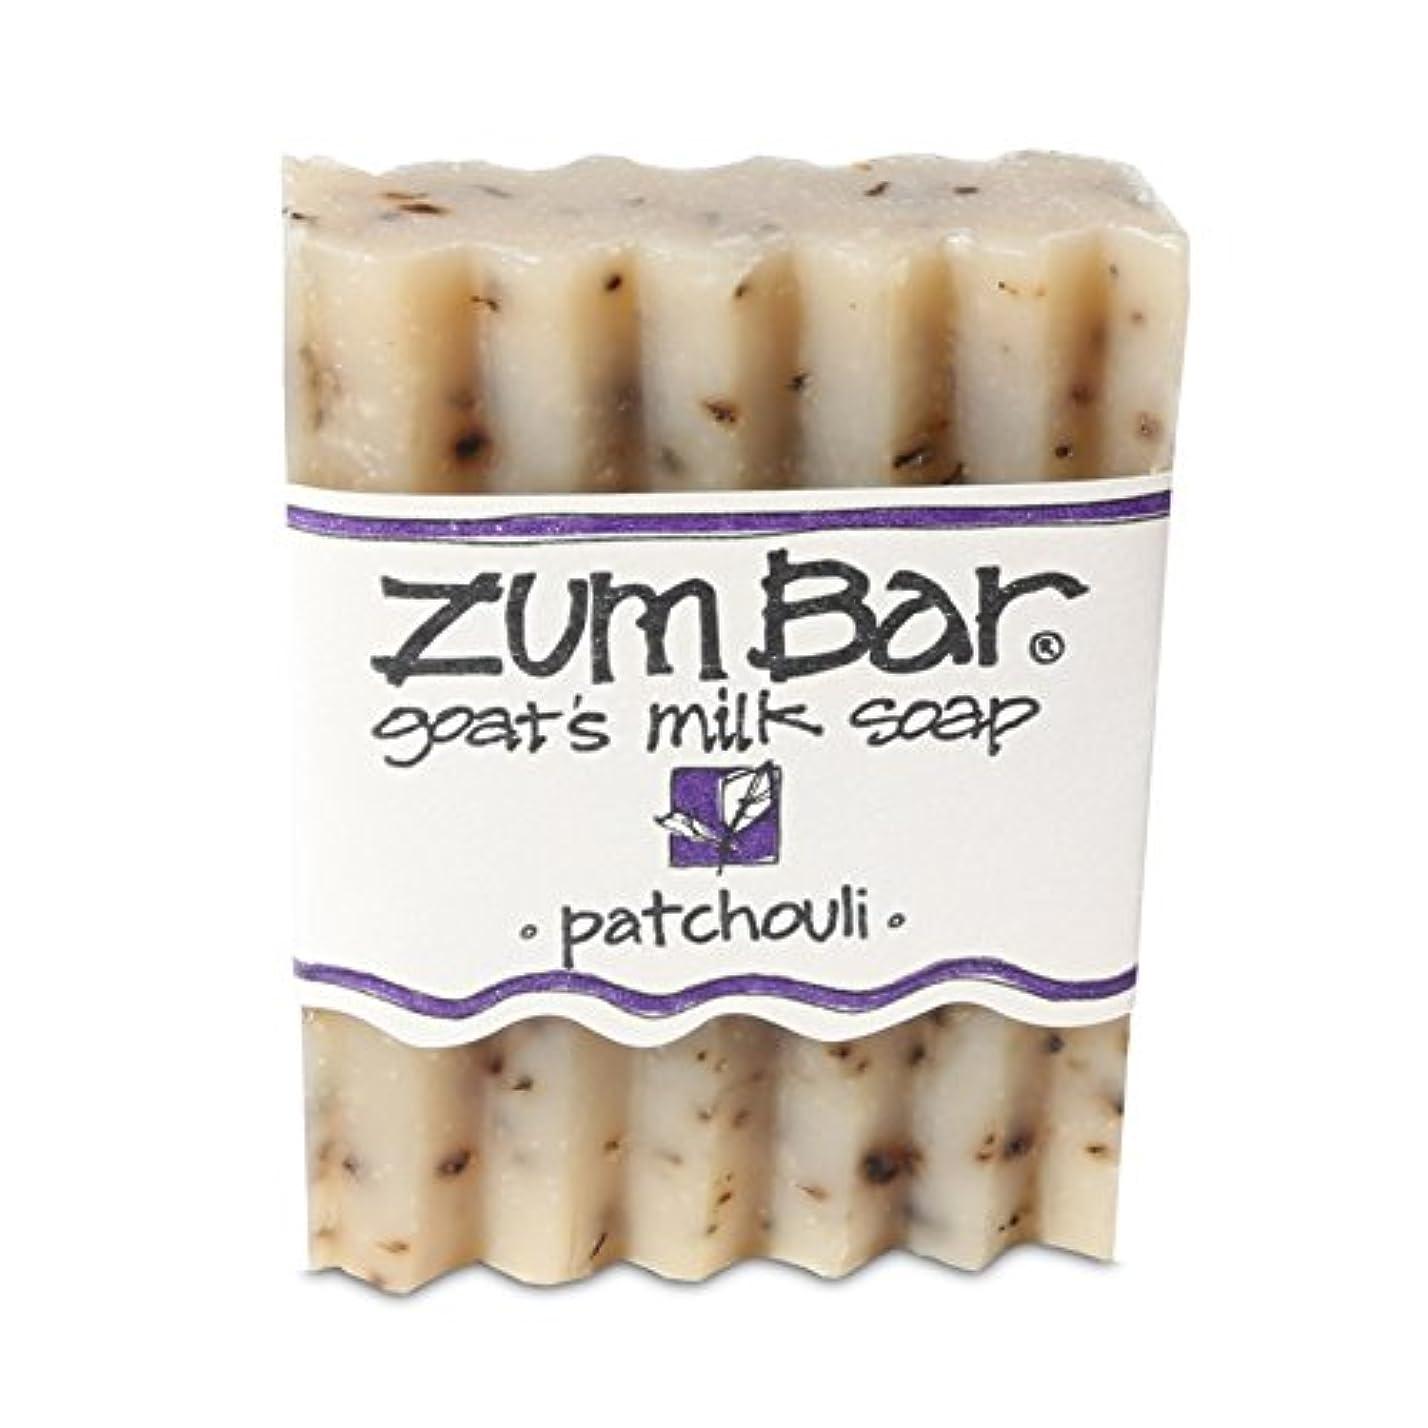 シルエット戦略マエストロ海外直送品 Indigo Wild, Zum Bar, Goat's ミルク ソープ パチョリ, 3 Ounces (2個セット) (Patchouli) [並行輸入品]